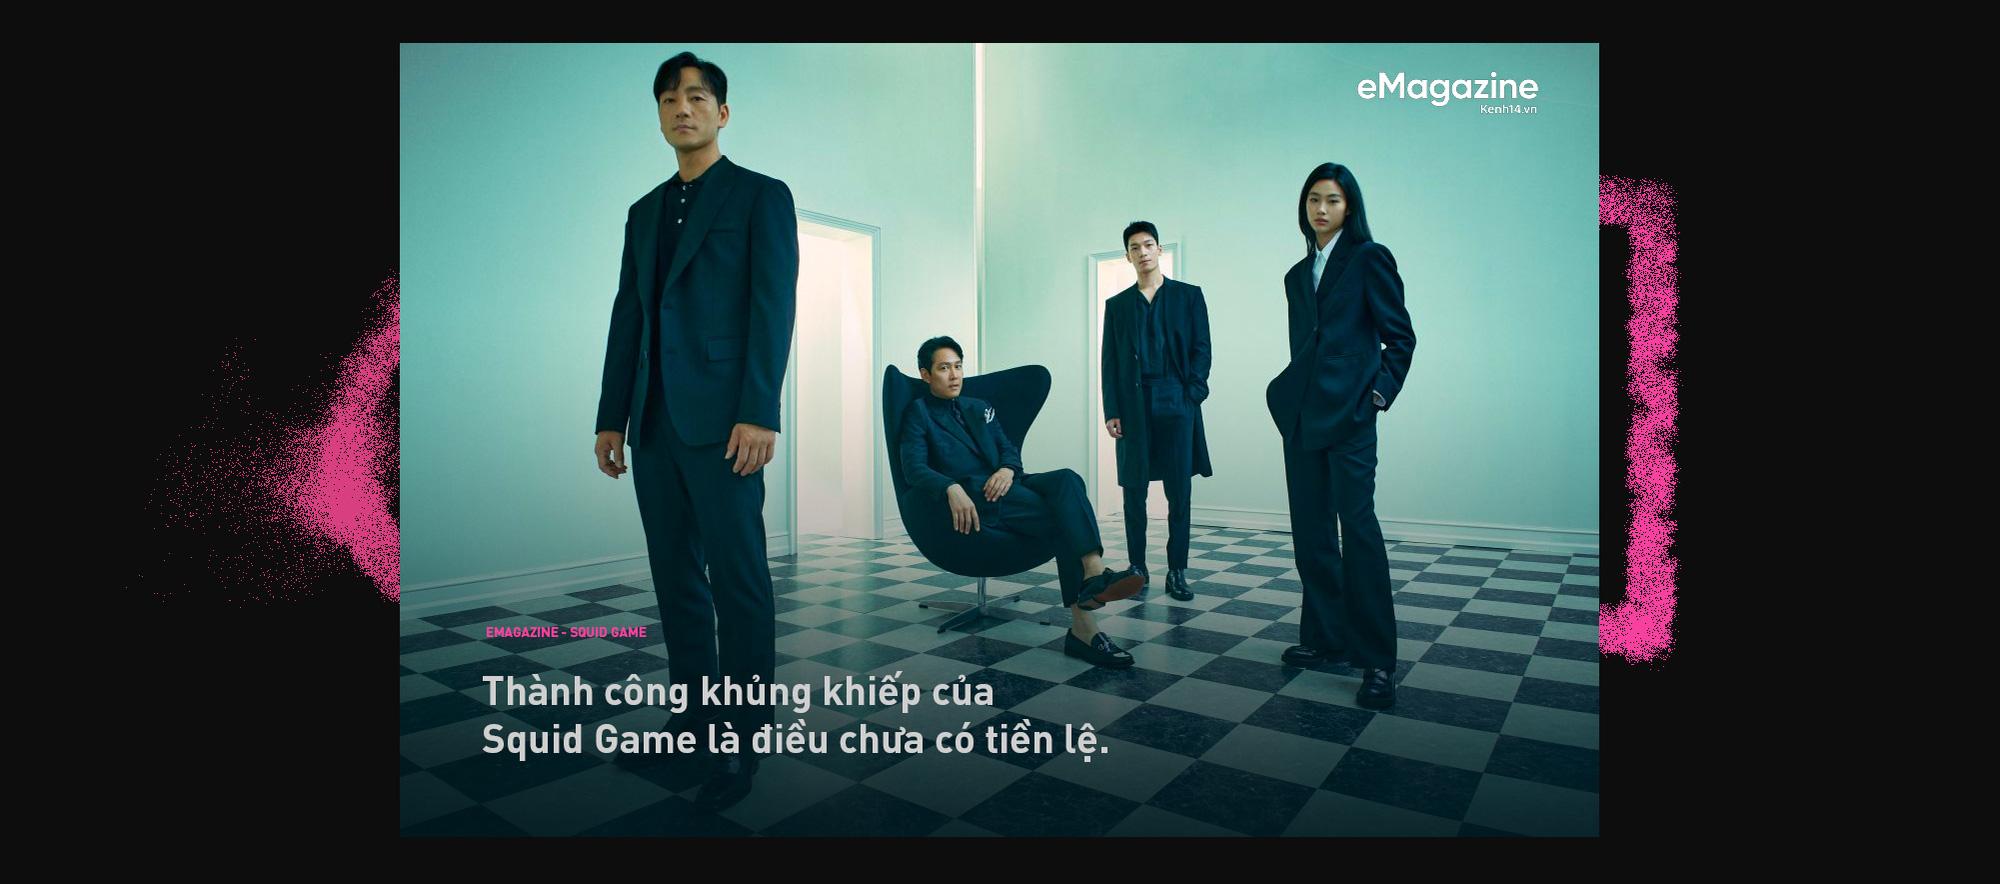 Squid Game - cuộc chiến máu bọc đường thành hiện tượng toàn cầu và tham vọng đổi mới bộ mặt phim Hàn của Netflix - Ảnh 10.